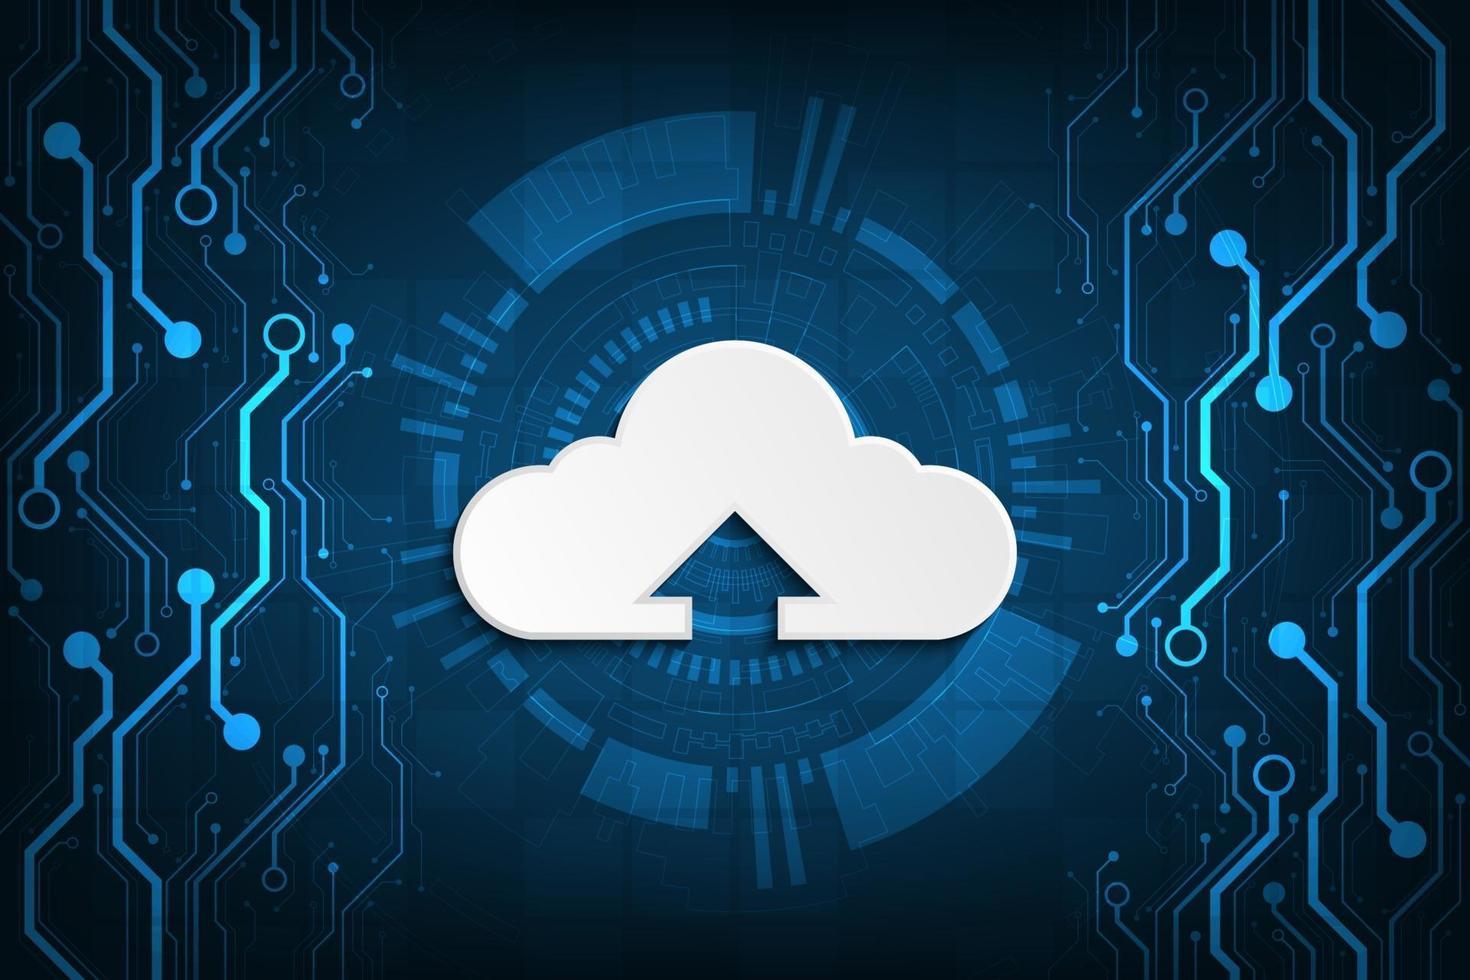 rete cloud che carica varie informazioni attraverso sistemi digitali. vettore